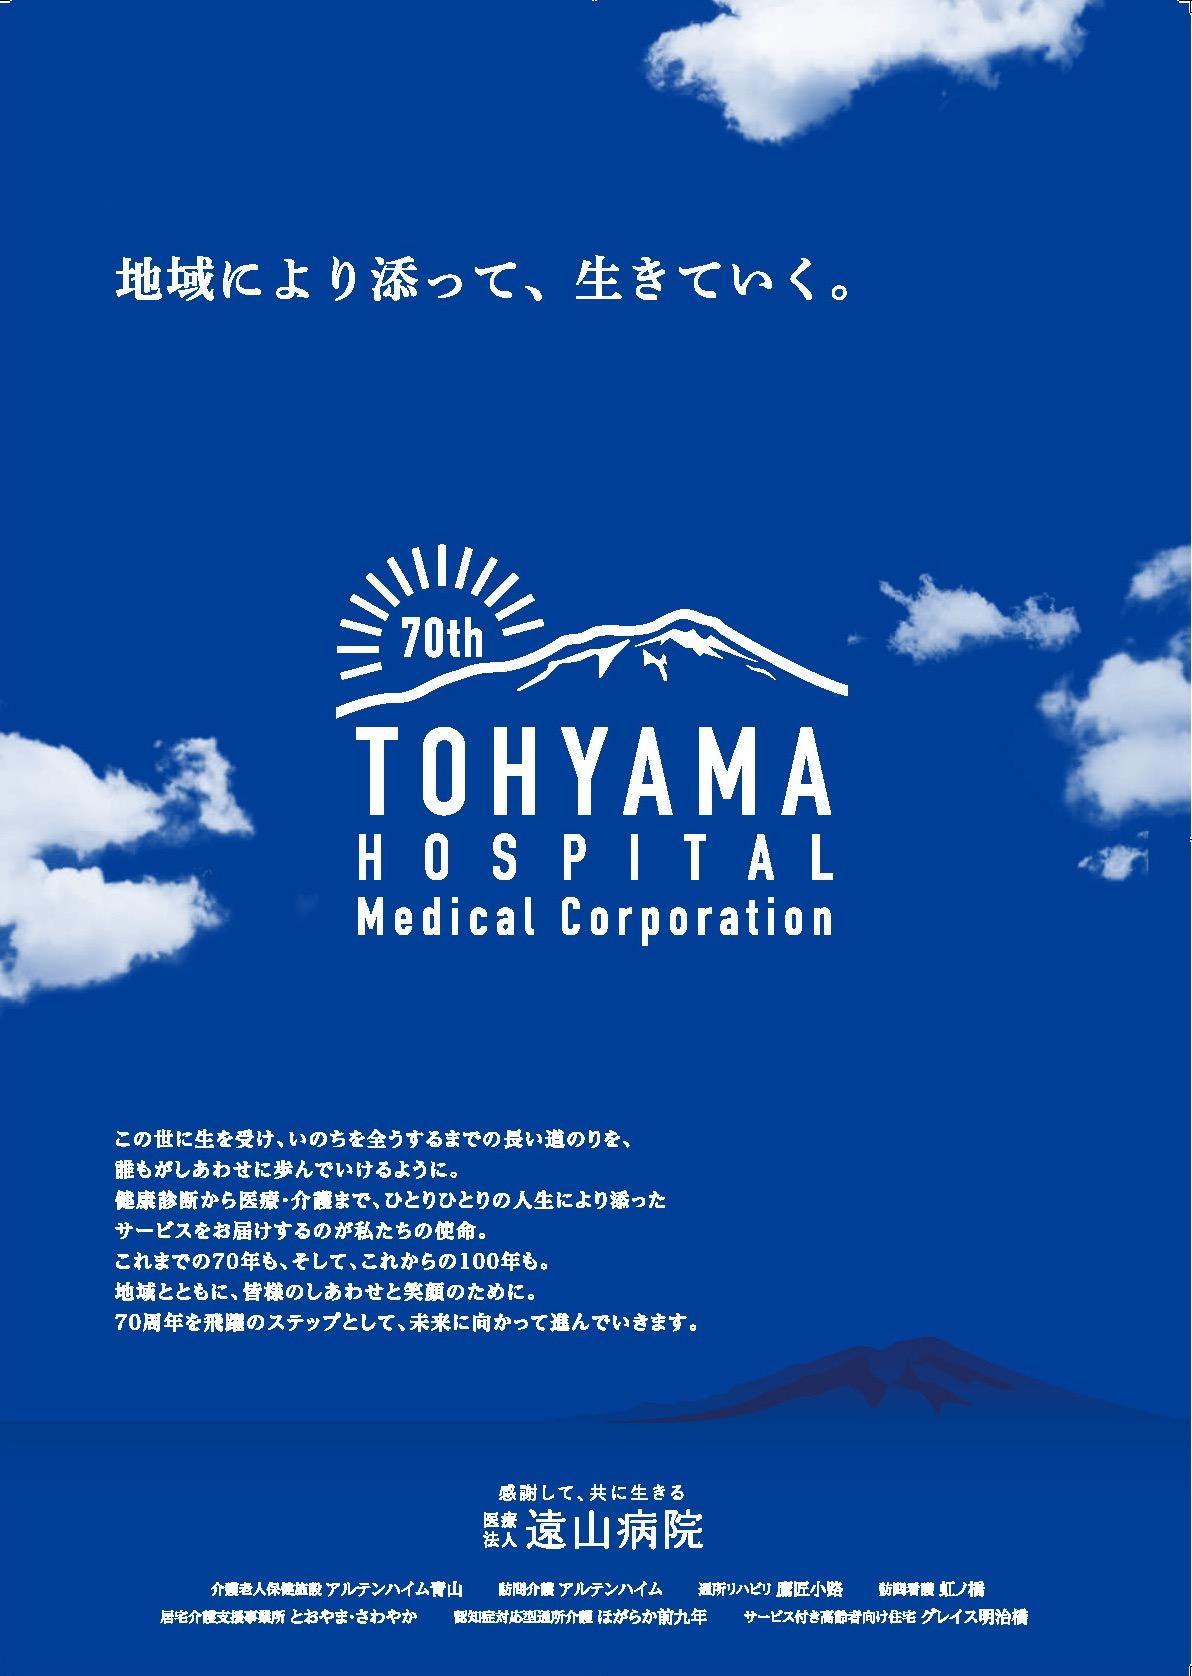 170509_toyama_hospital_poster_ol_a4_a3_a1_02 (1)